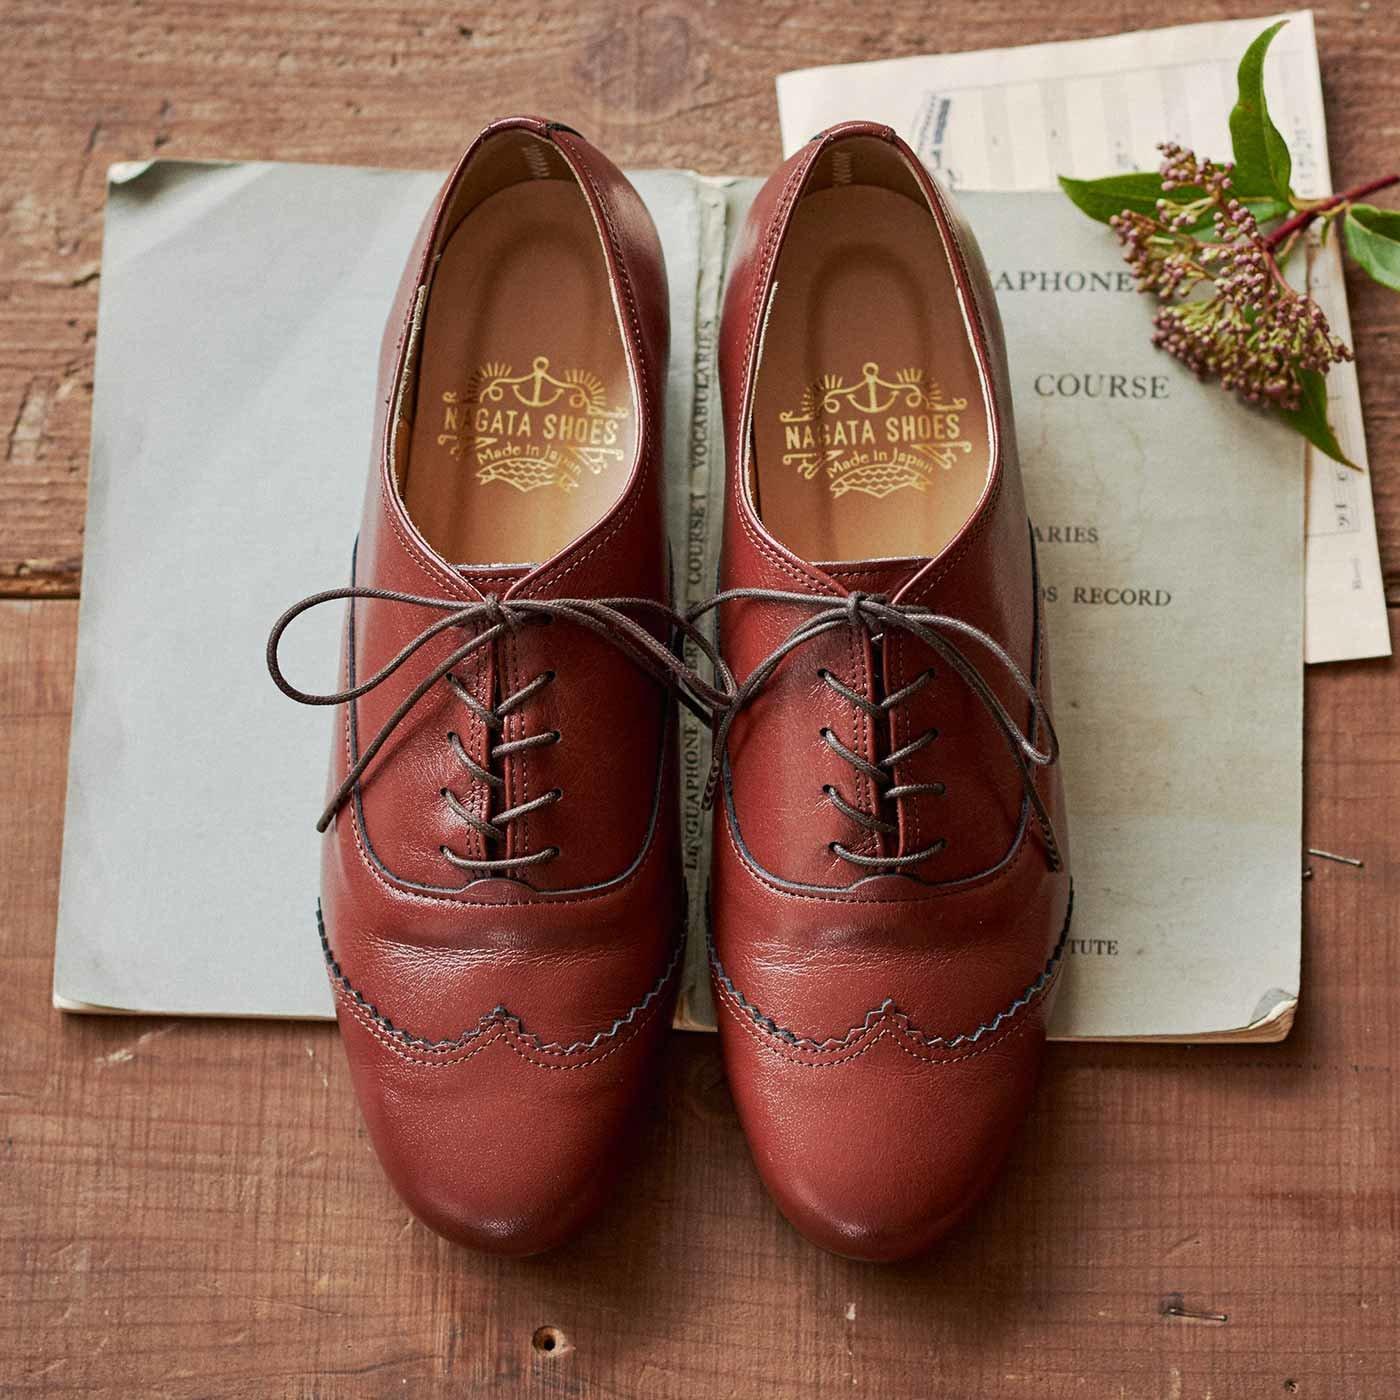 長田靴職人の本革仕立て シンプルレースアップレザーシューズ(レッドブラウン)[本革 靴:日本製]